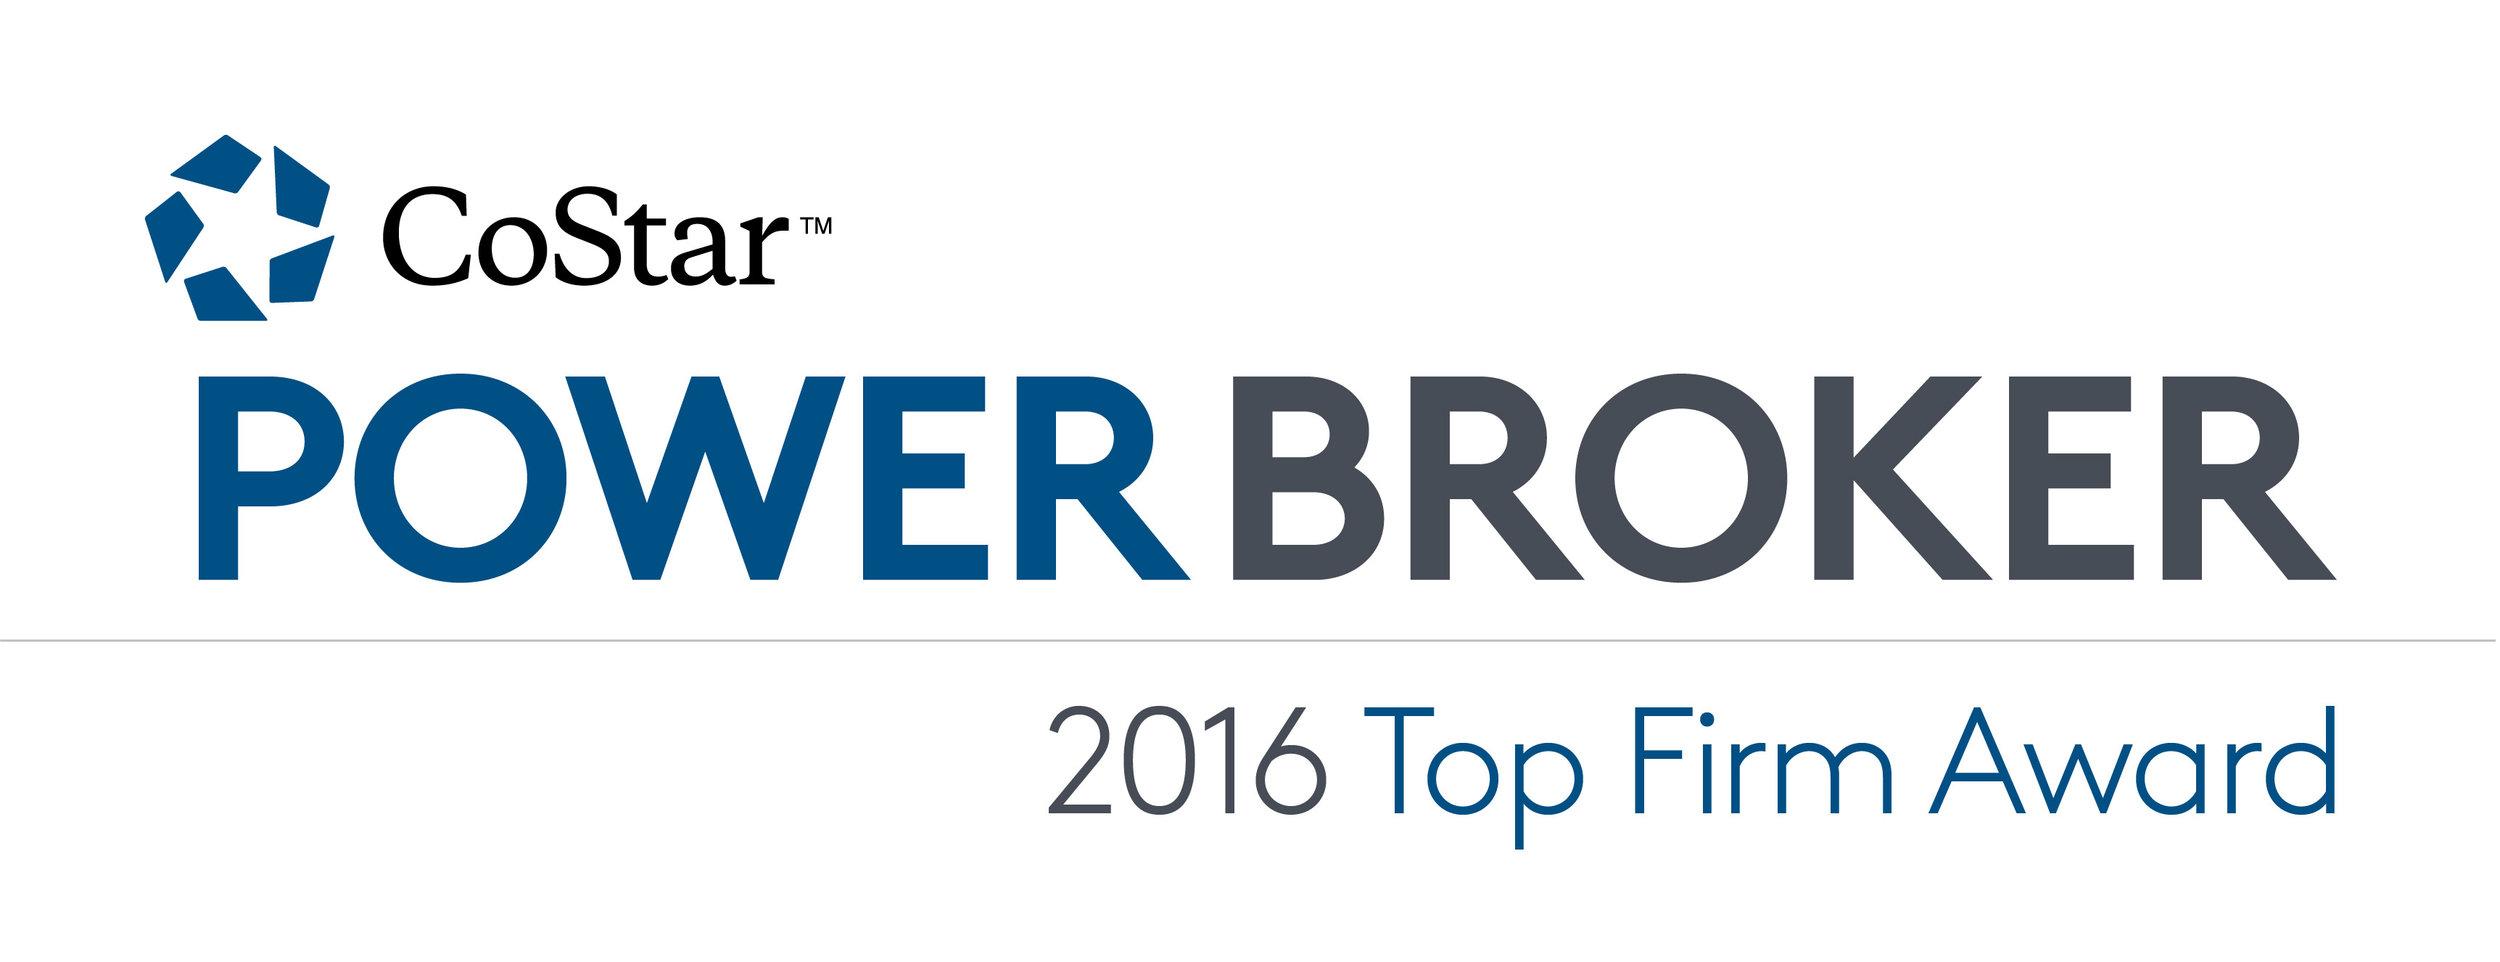 CoStar Power Broker 2016 logo.jpg